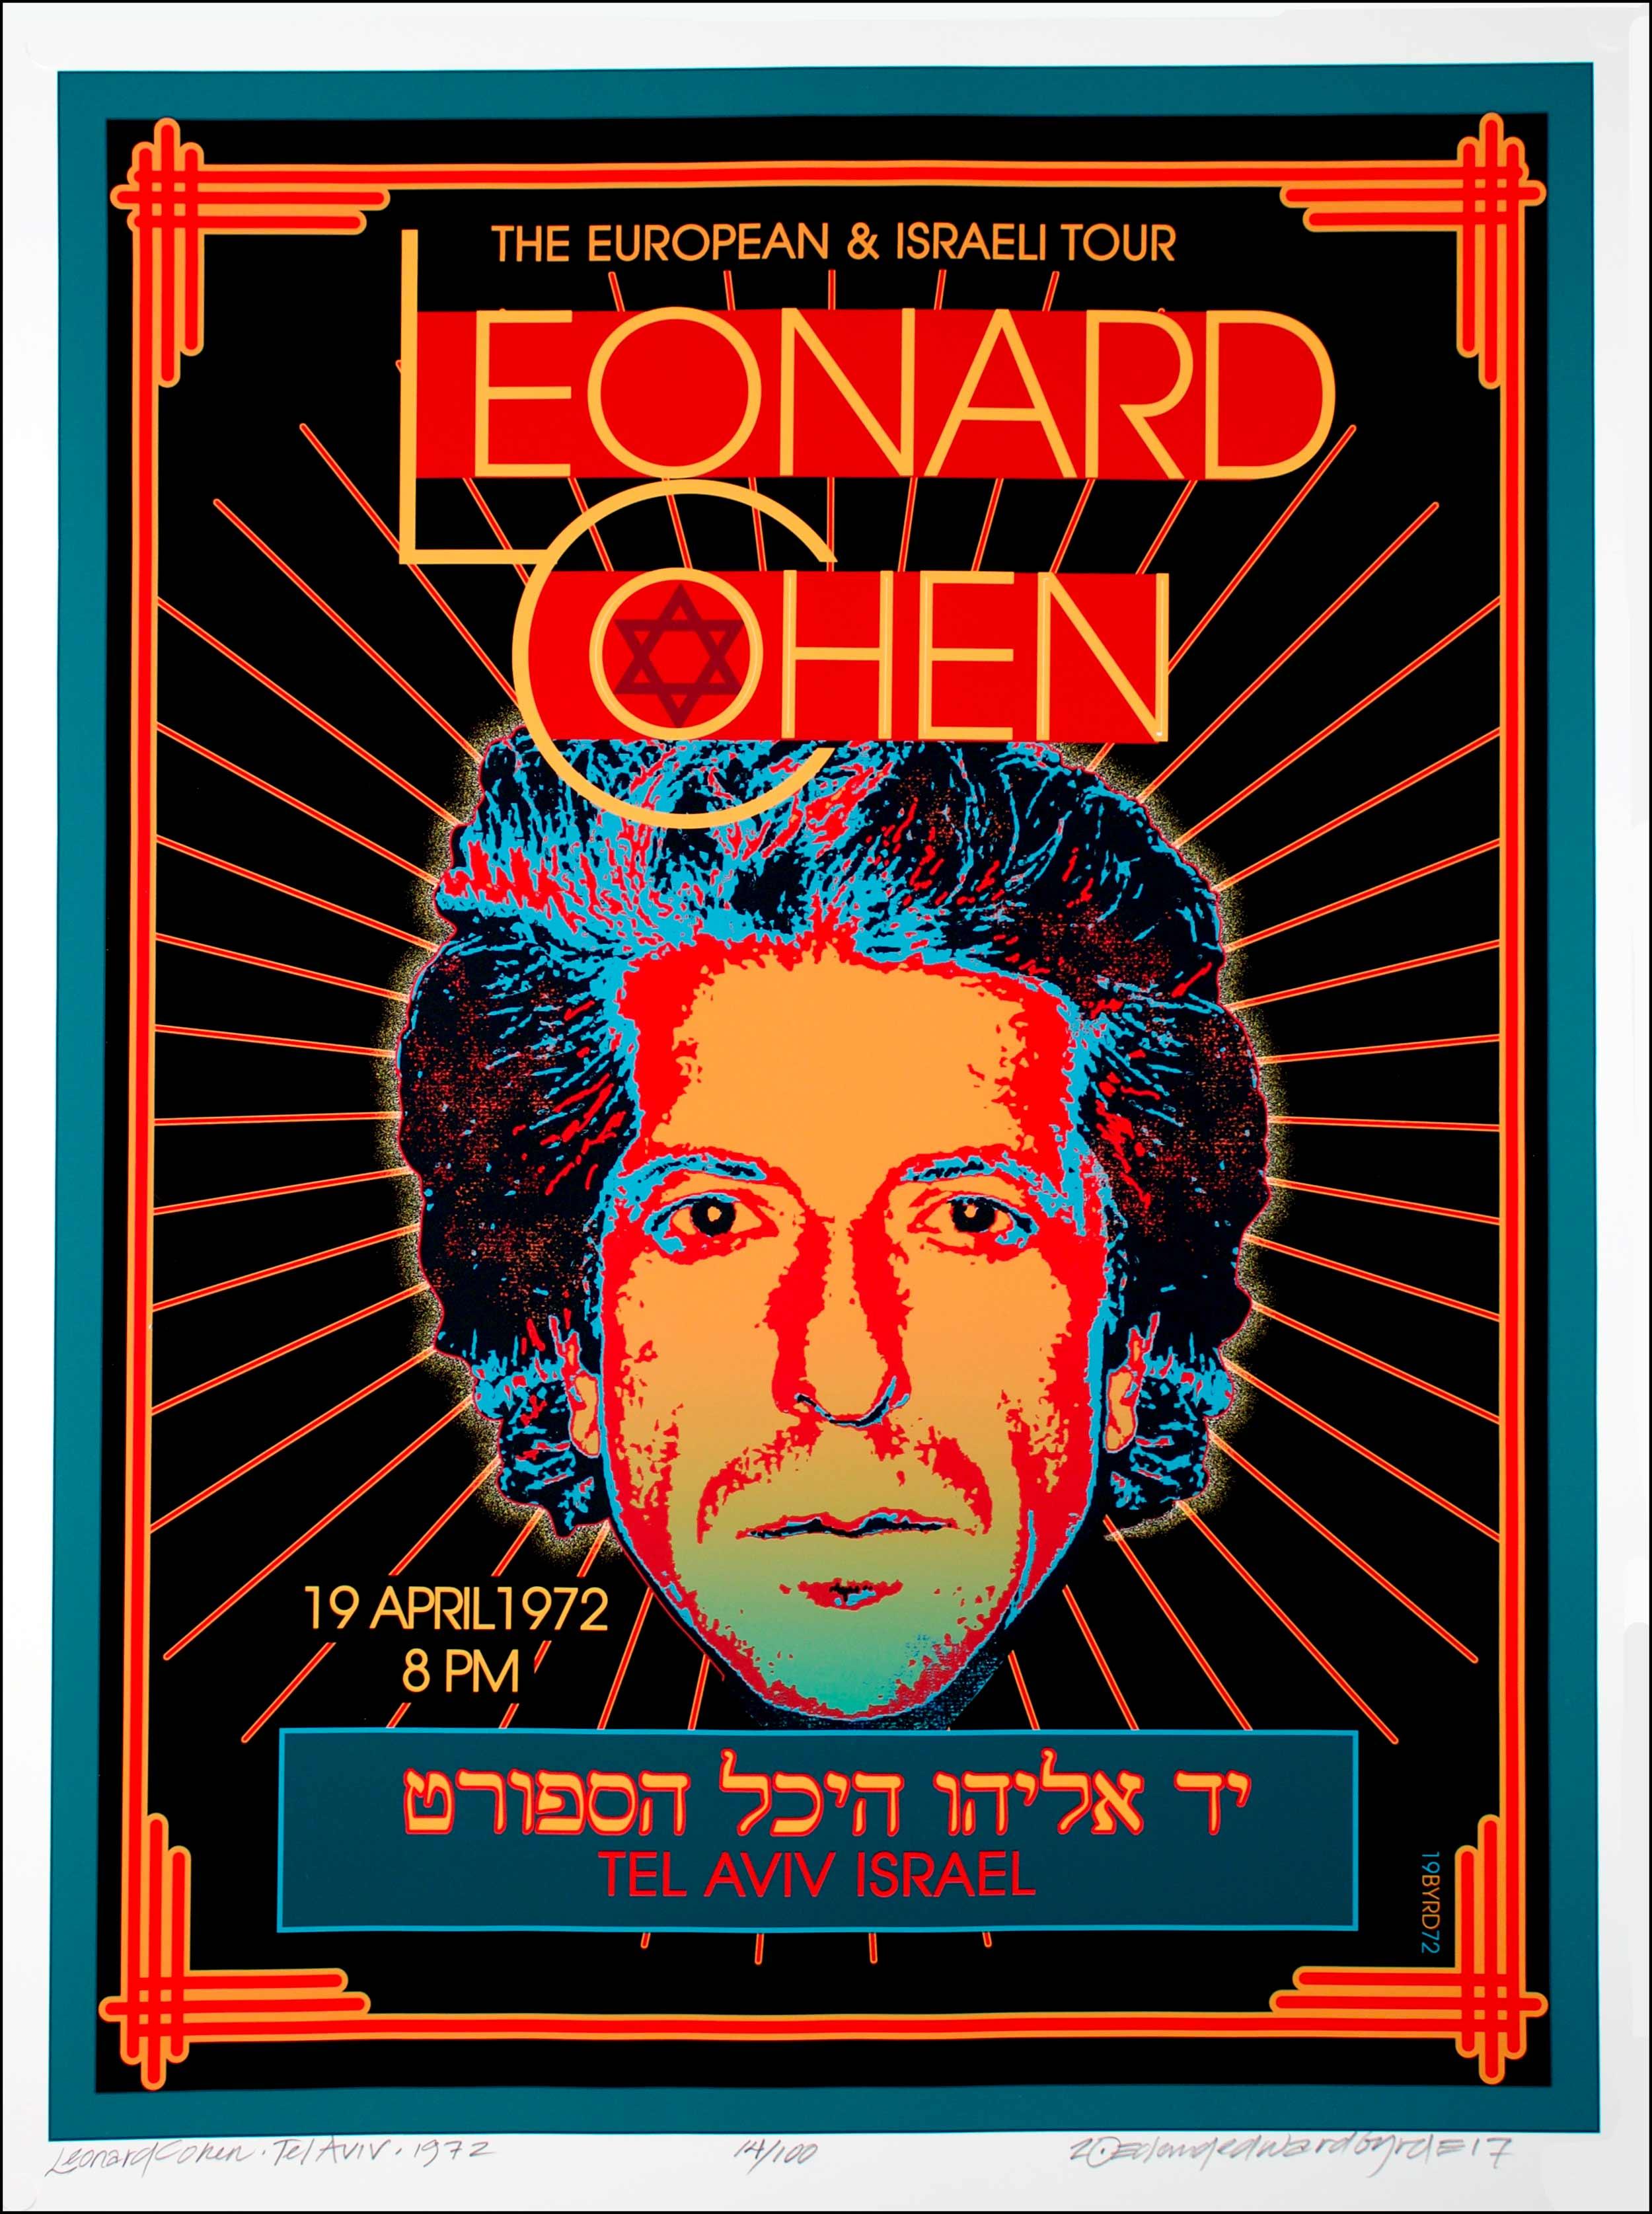 leonard cohen poster tel aviv israel